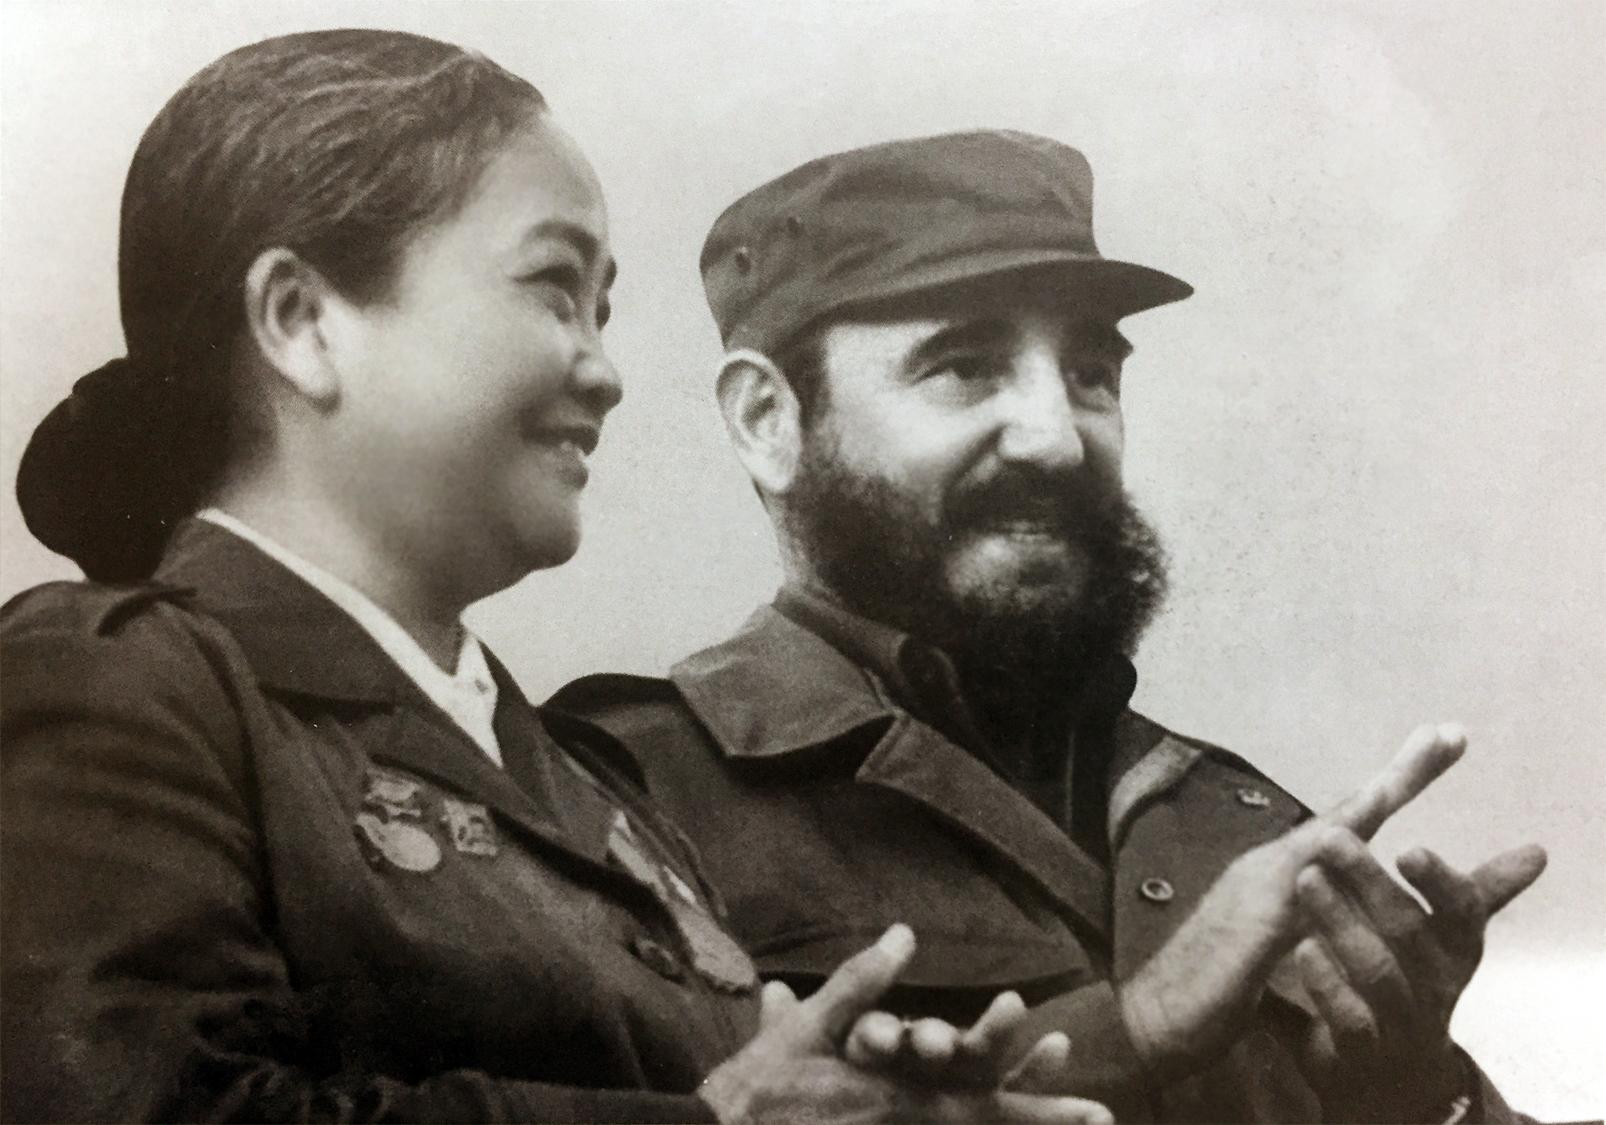 Tướng Nguyễn Thị Định – người phụ nữ huyền thoại Việt Nam